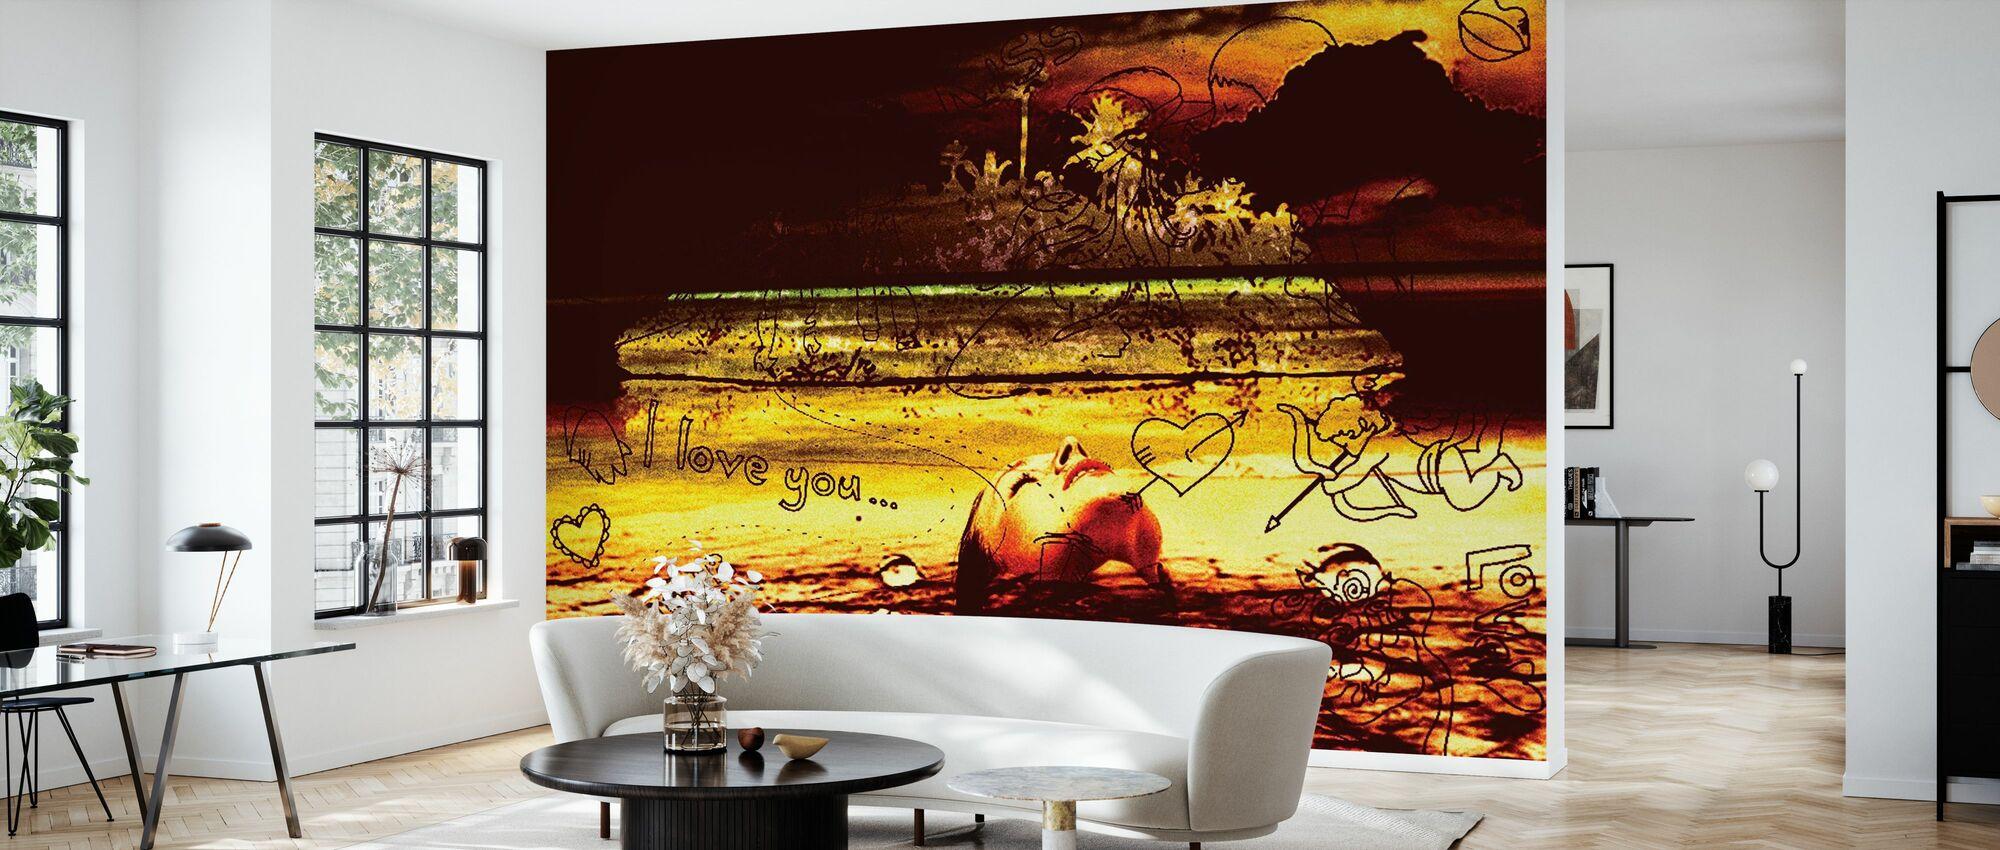 Love Poison - Wallpaper - Living Room